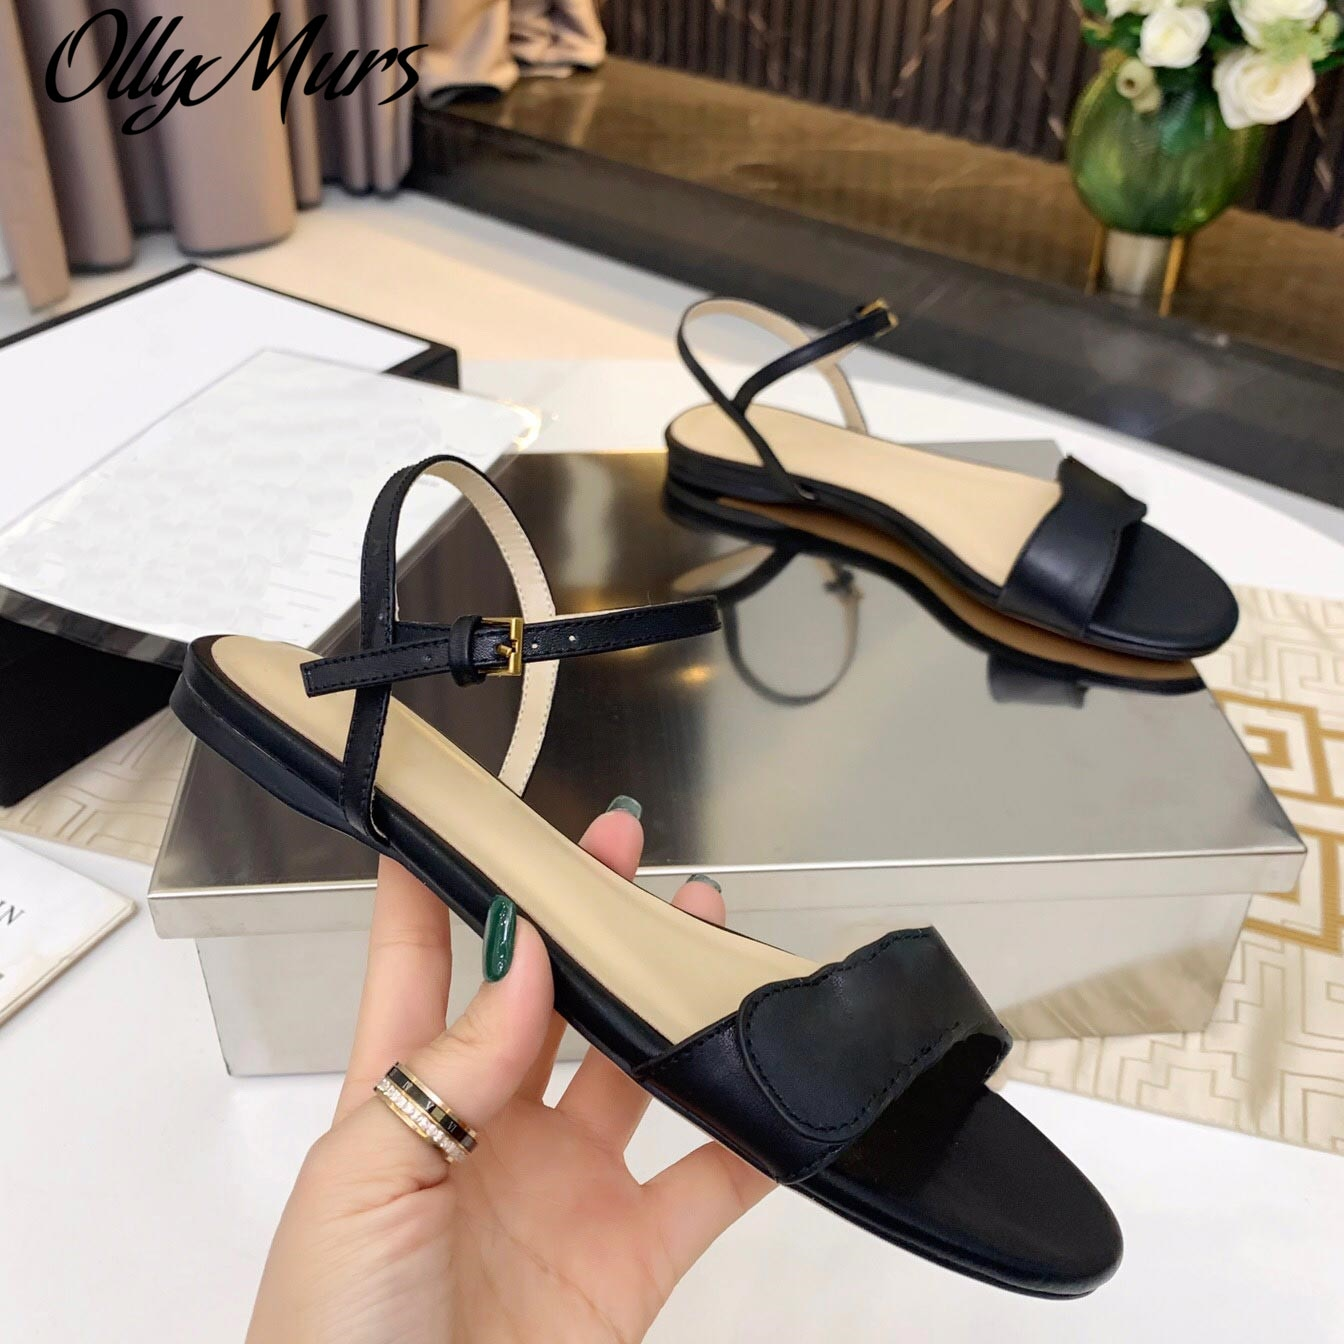 Ollymurs جديد الصيف المفتوحة تو صنادل ماركة فاخرة الكاحل حزام الشقق السروج أحذية النساء Zapatos Mujer